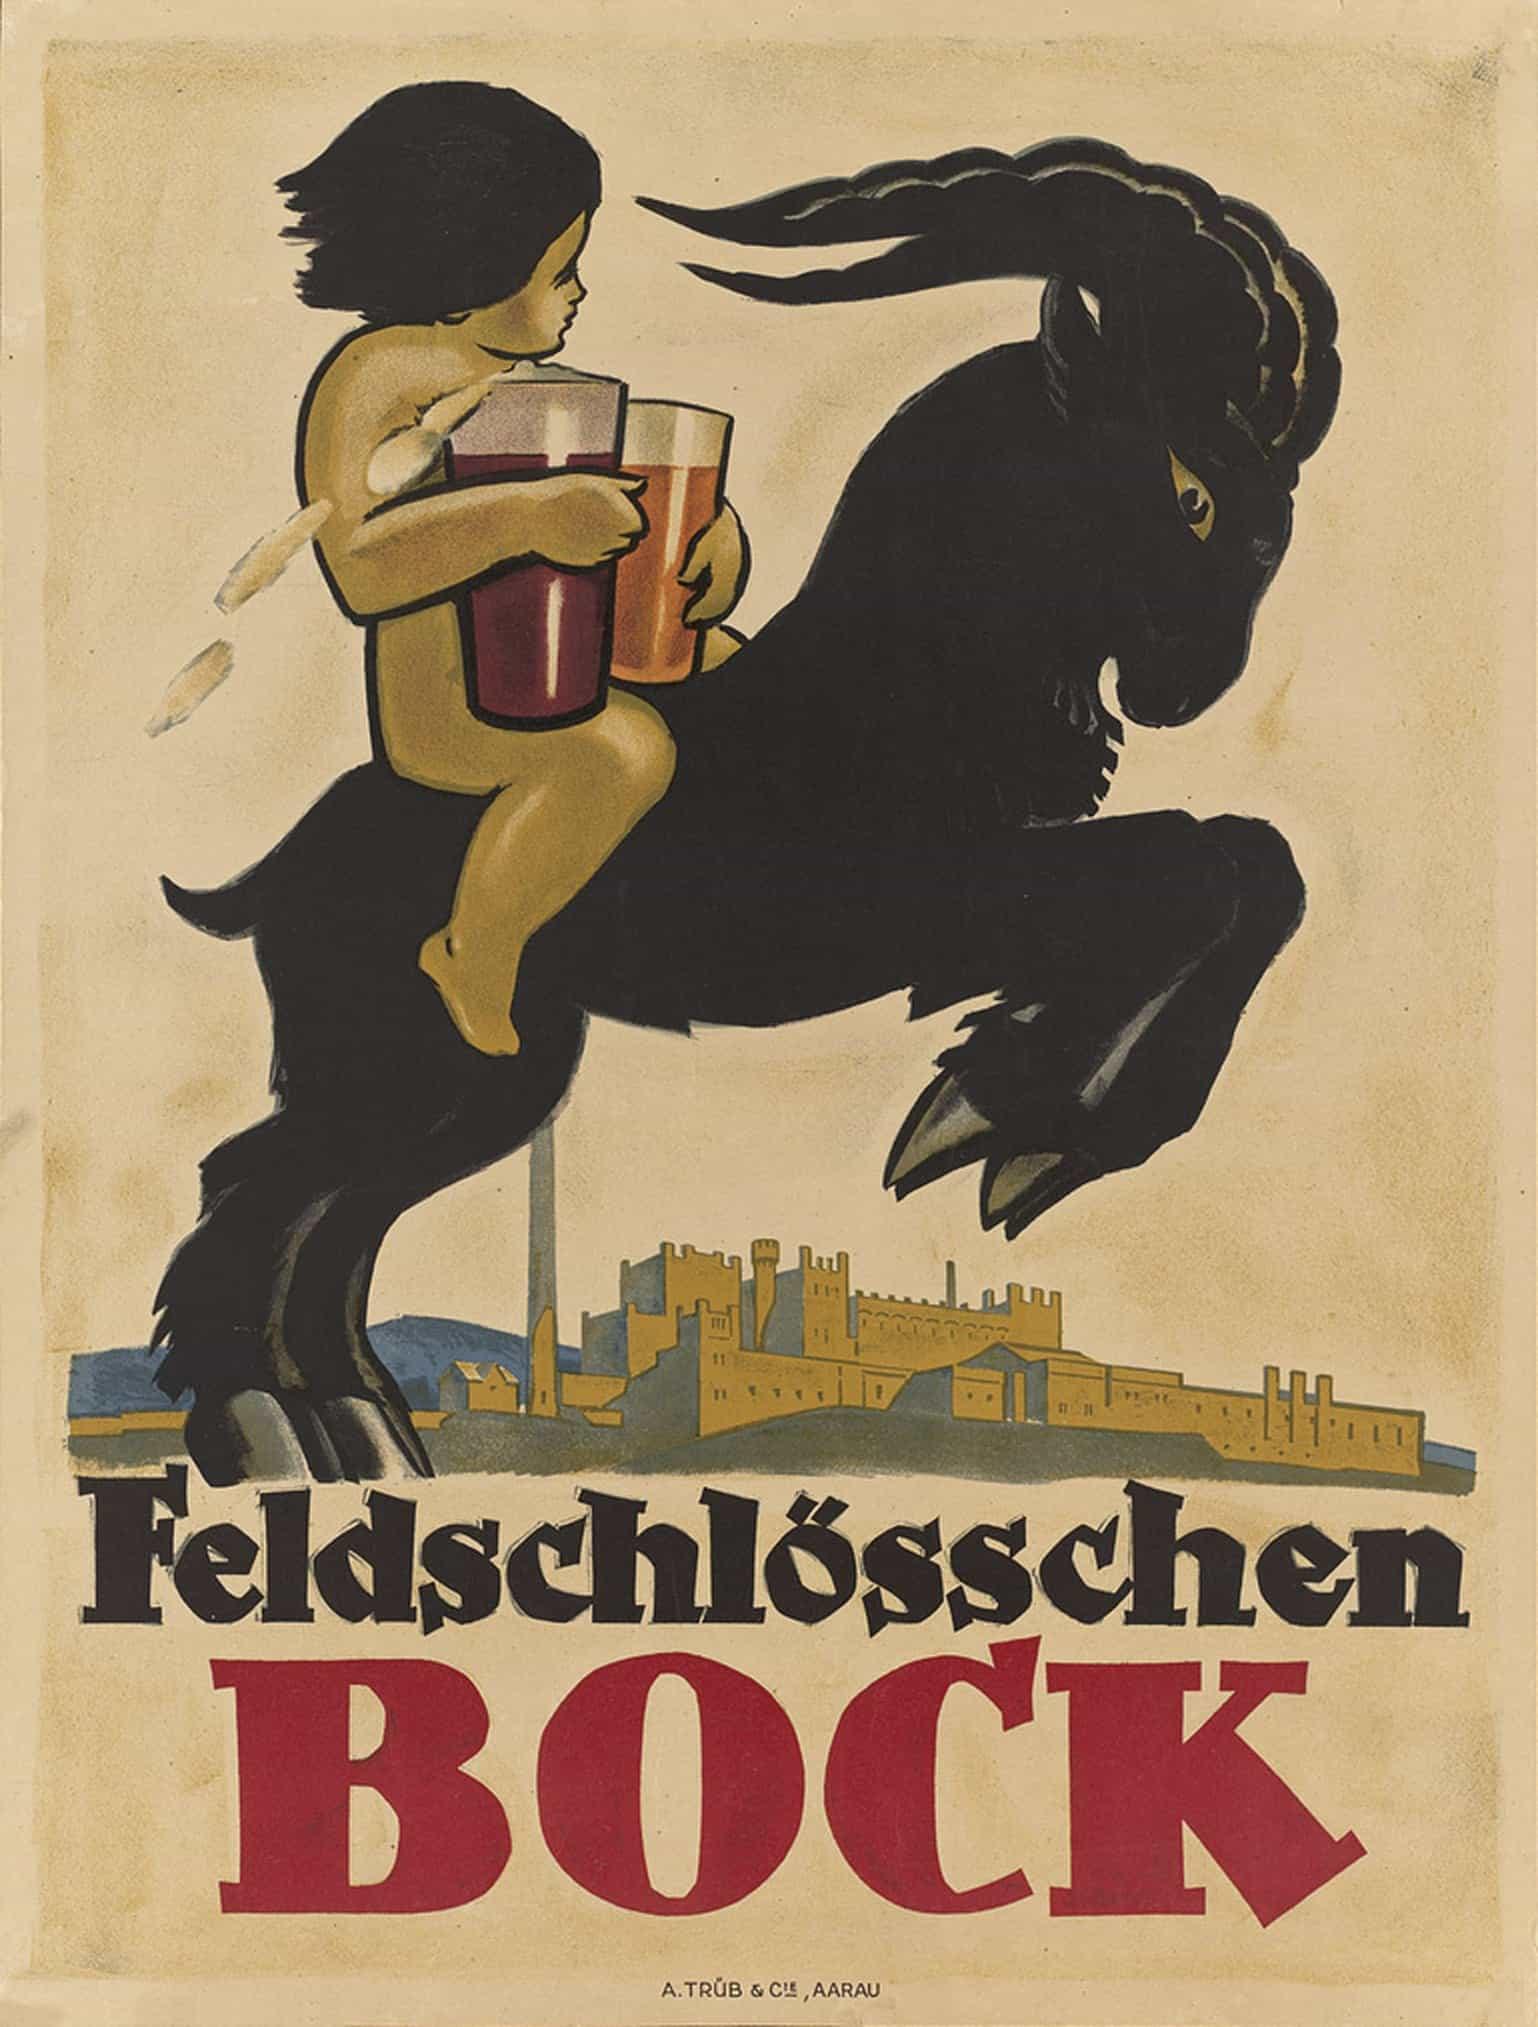 Feldschlosschen Bock Brewery 1910 Vintage Beer Advertising Poster